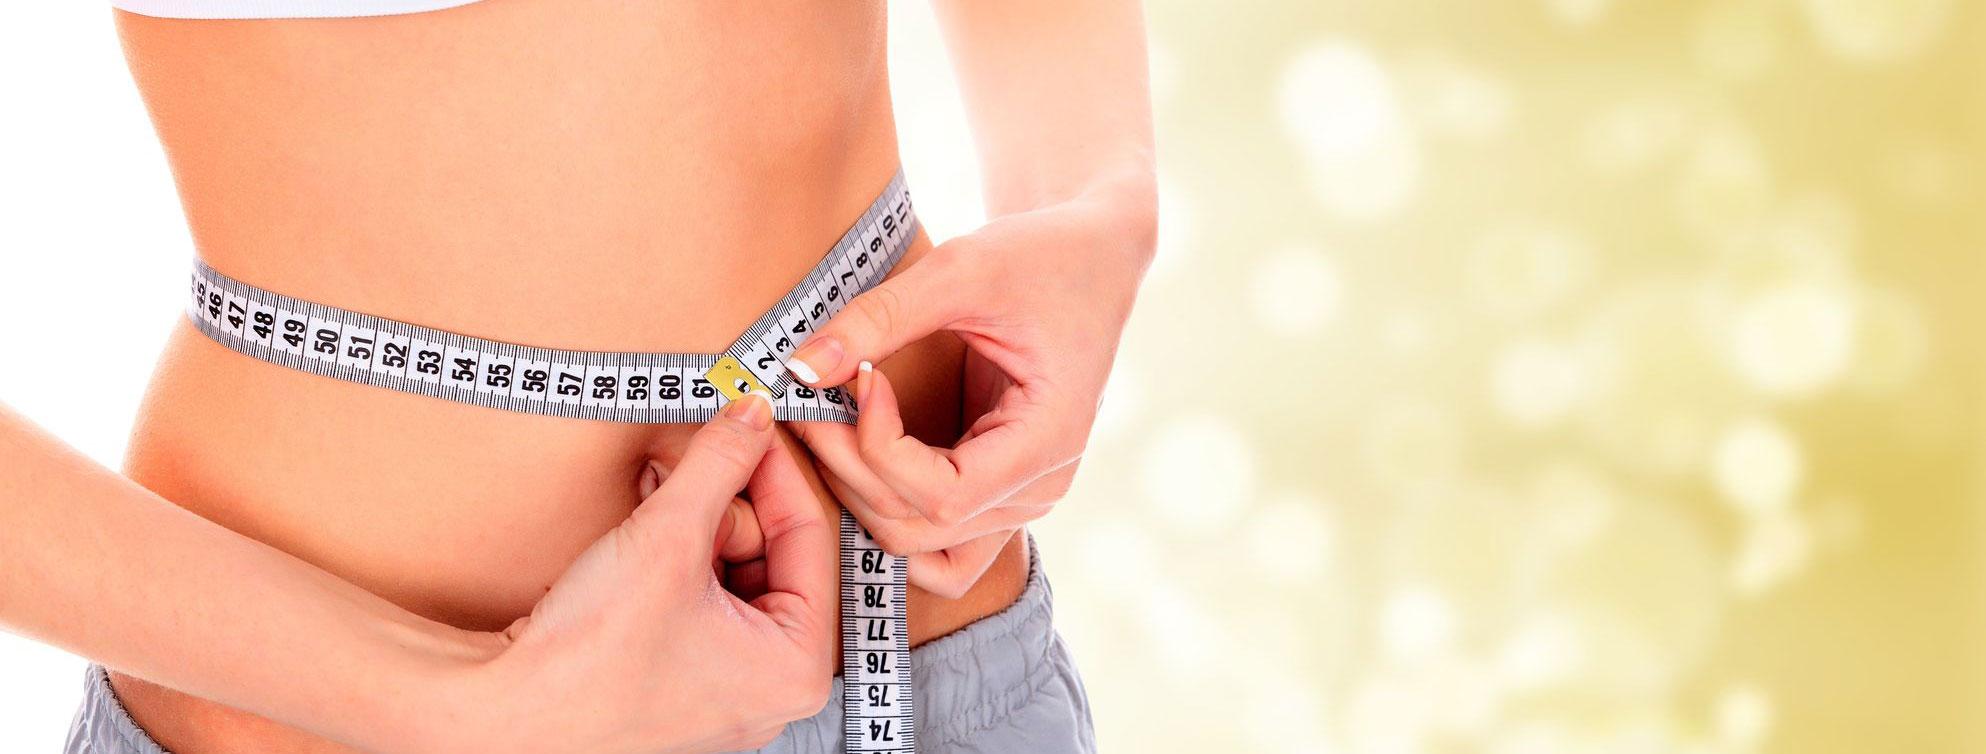 En finir avec les problèmes de poids